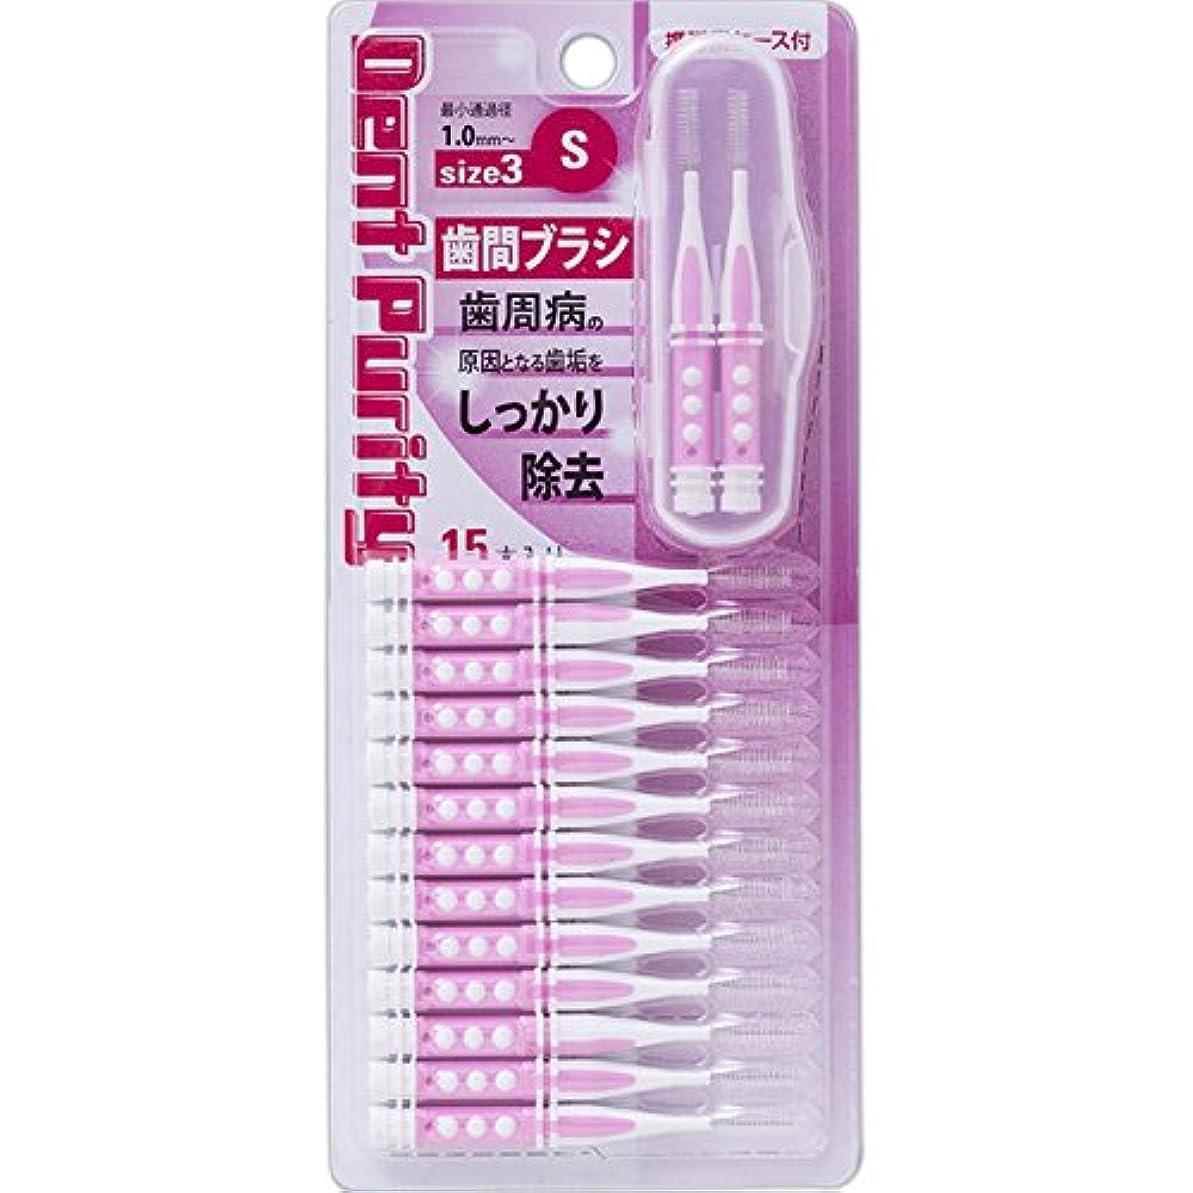 インフルエンザ反応するユダヤ人デントピュリティ歯間ブラシ S15本X5